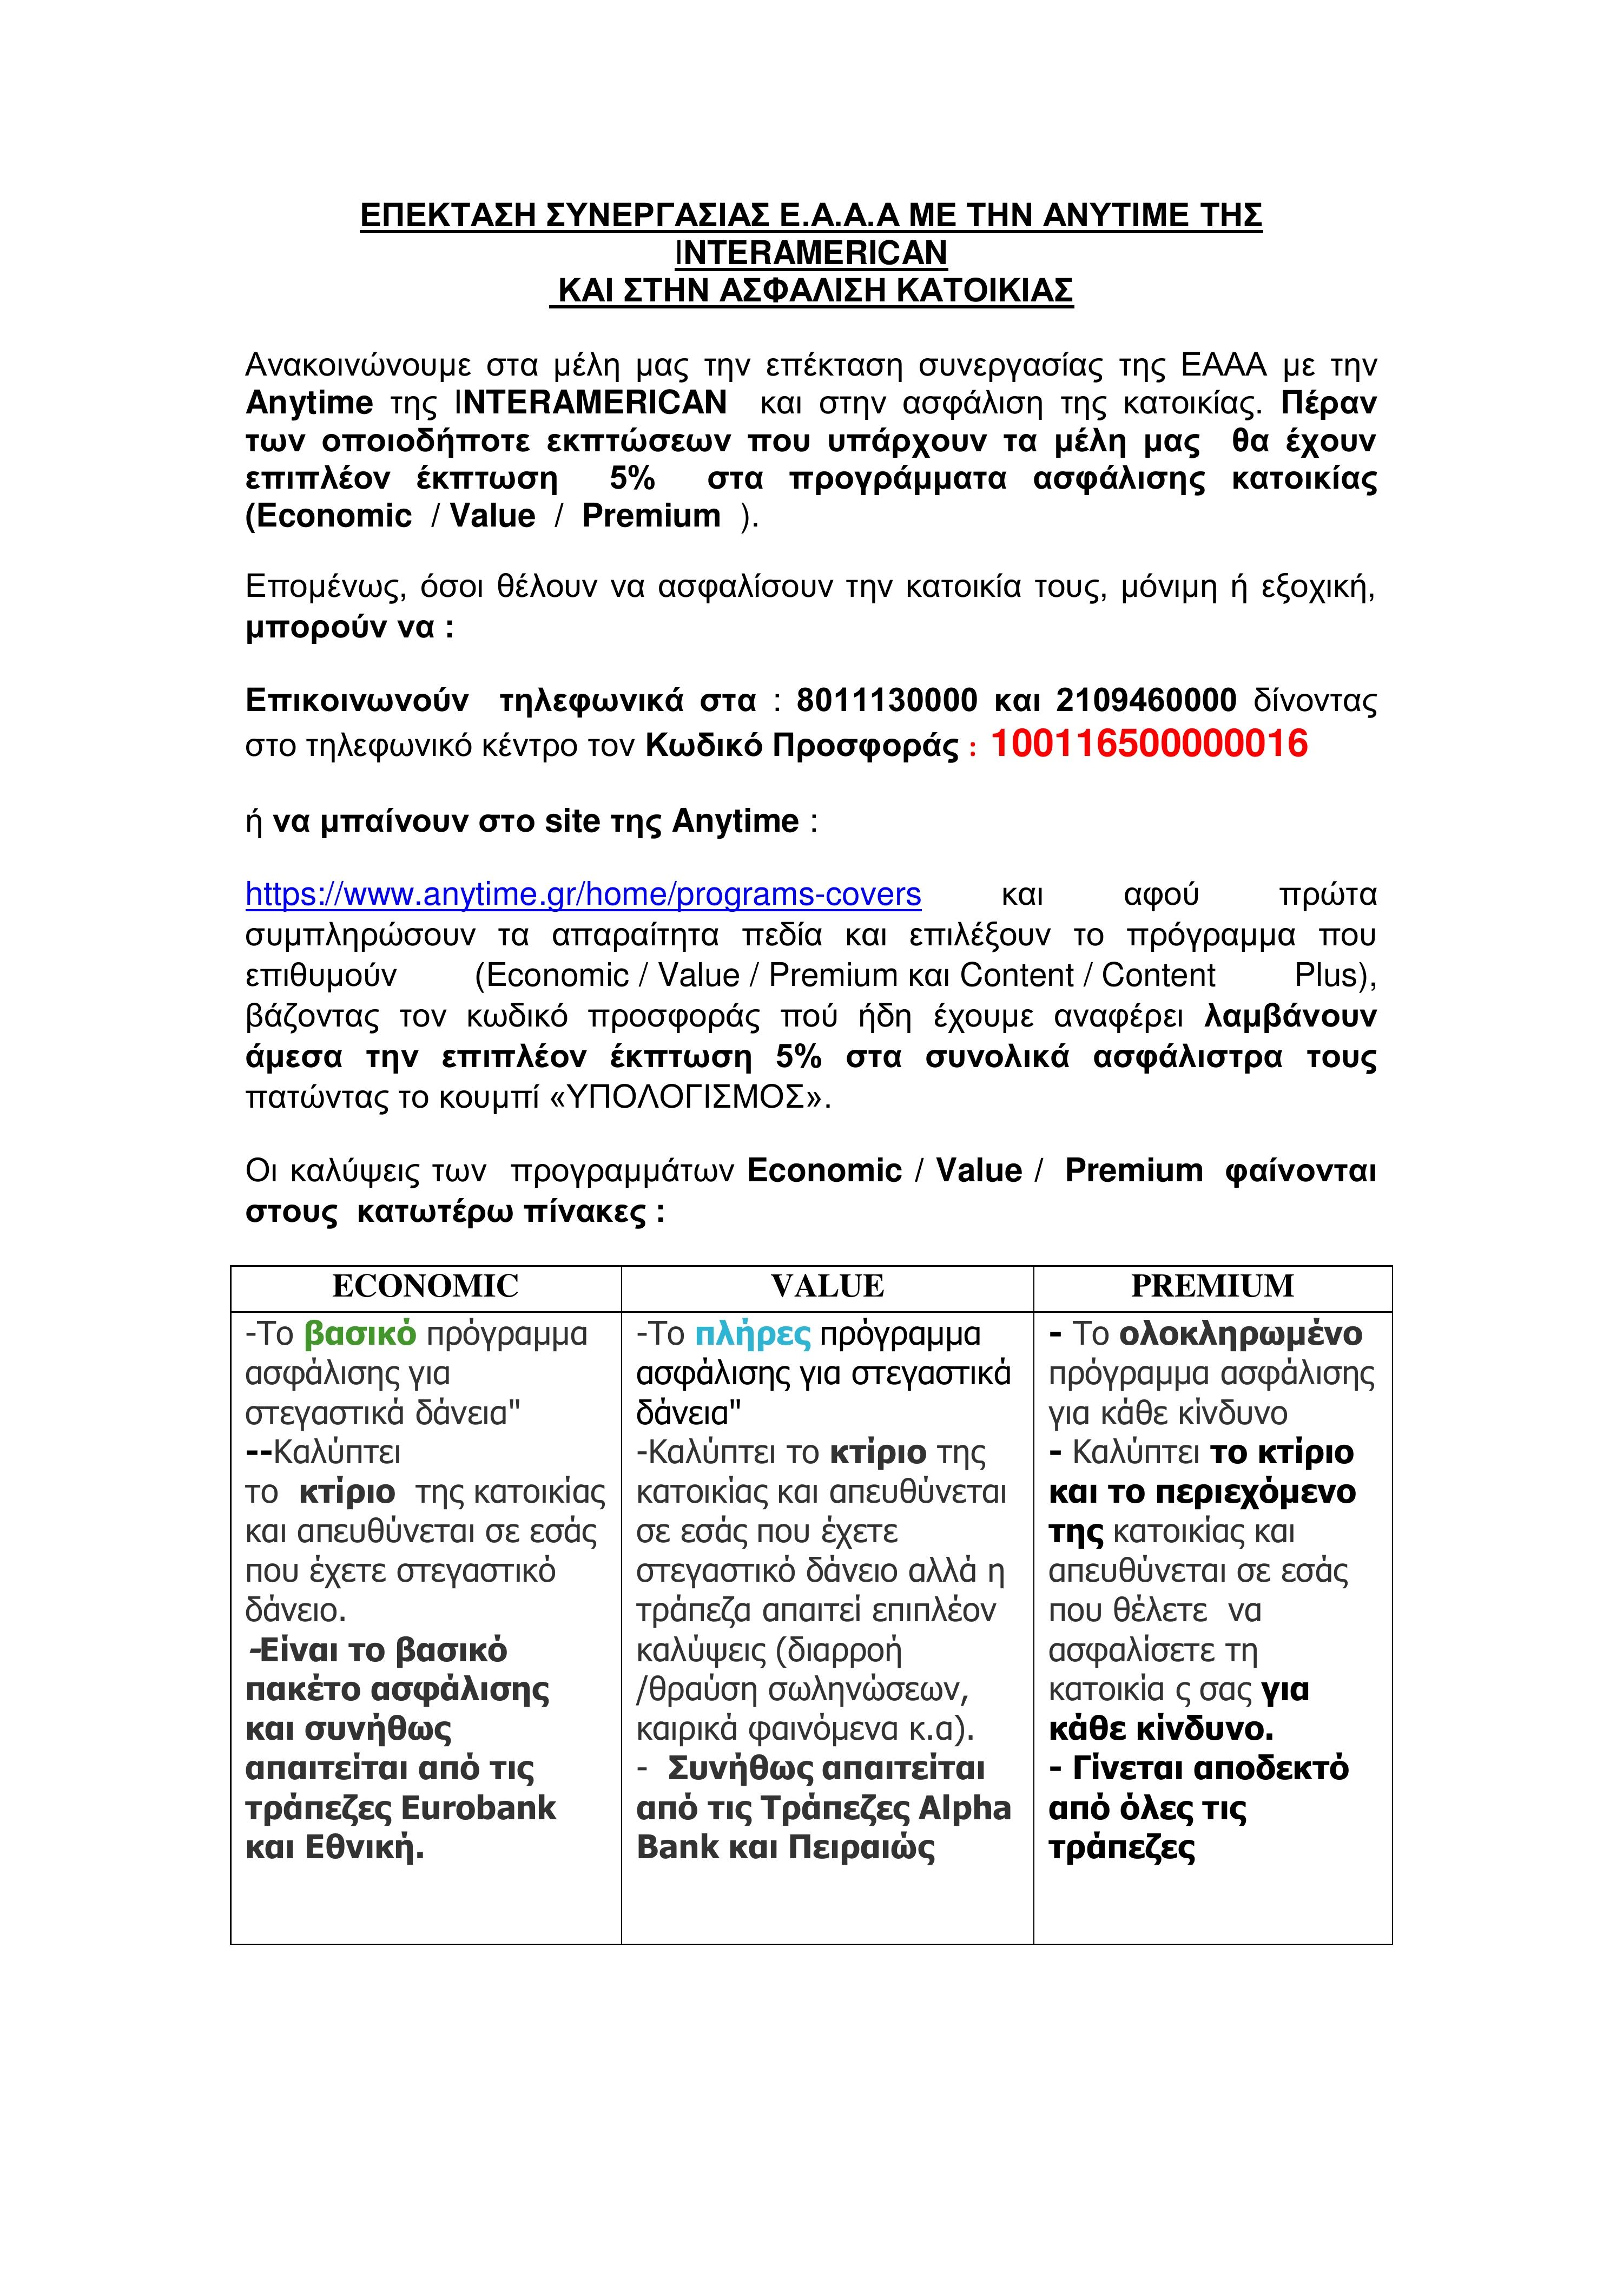 Επέκταση συνεργασίας ΕΑΑΑ-Anytime INTERAMERICAN_ασφάλιση κατοικίας_σελ-1